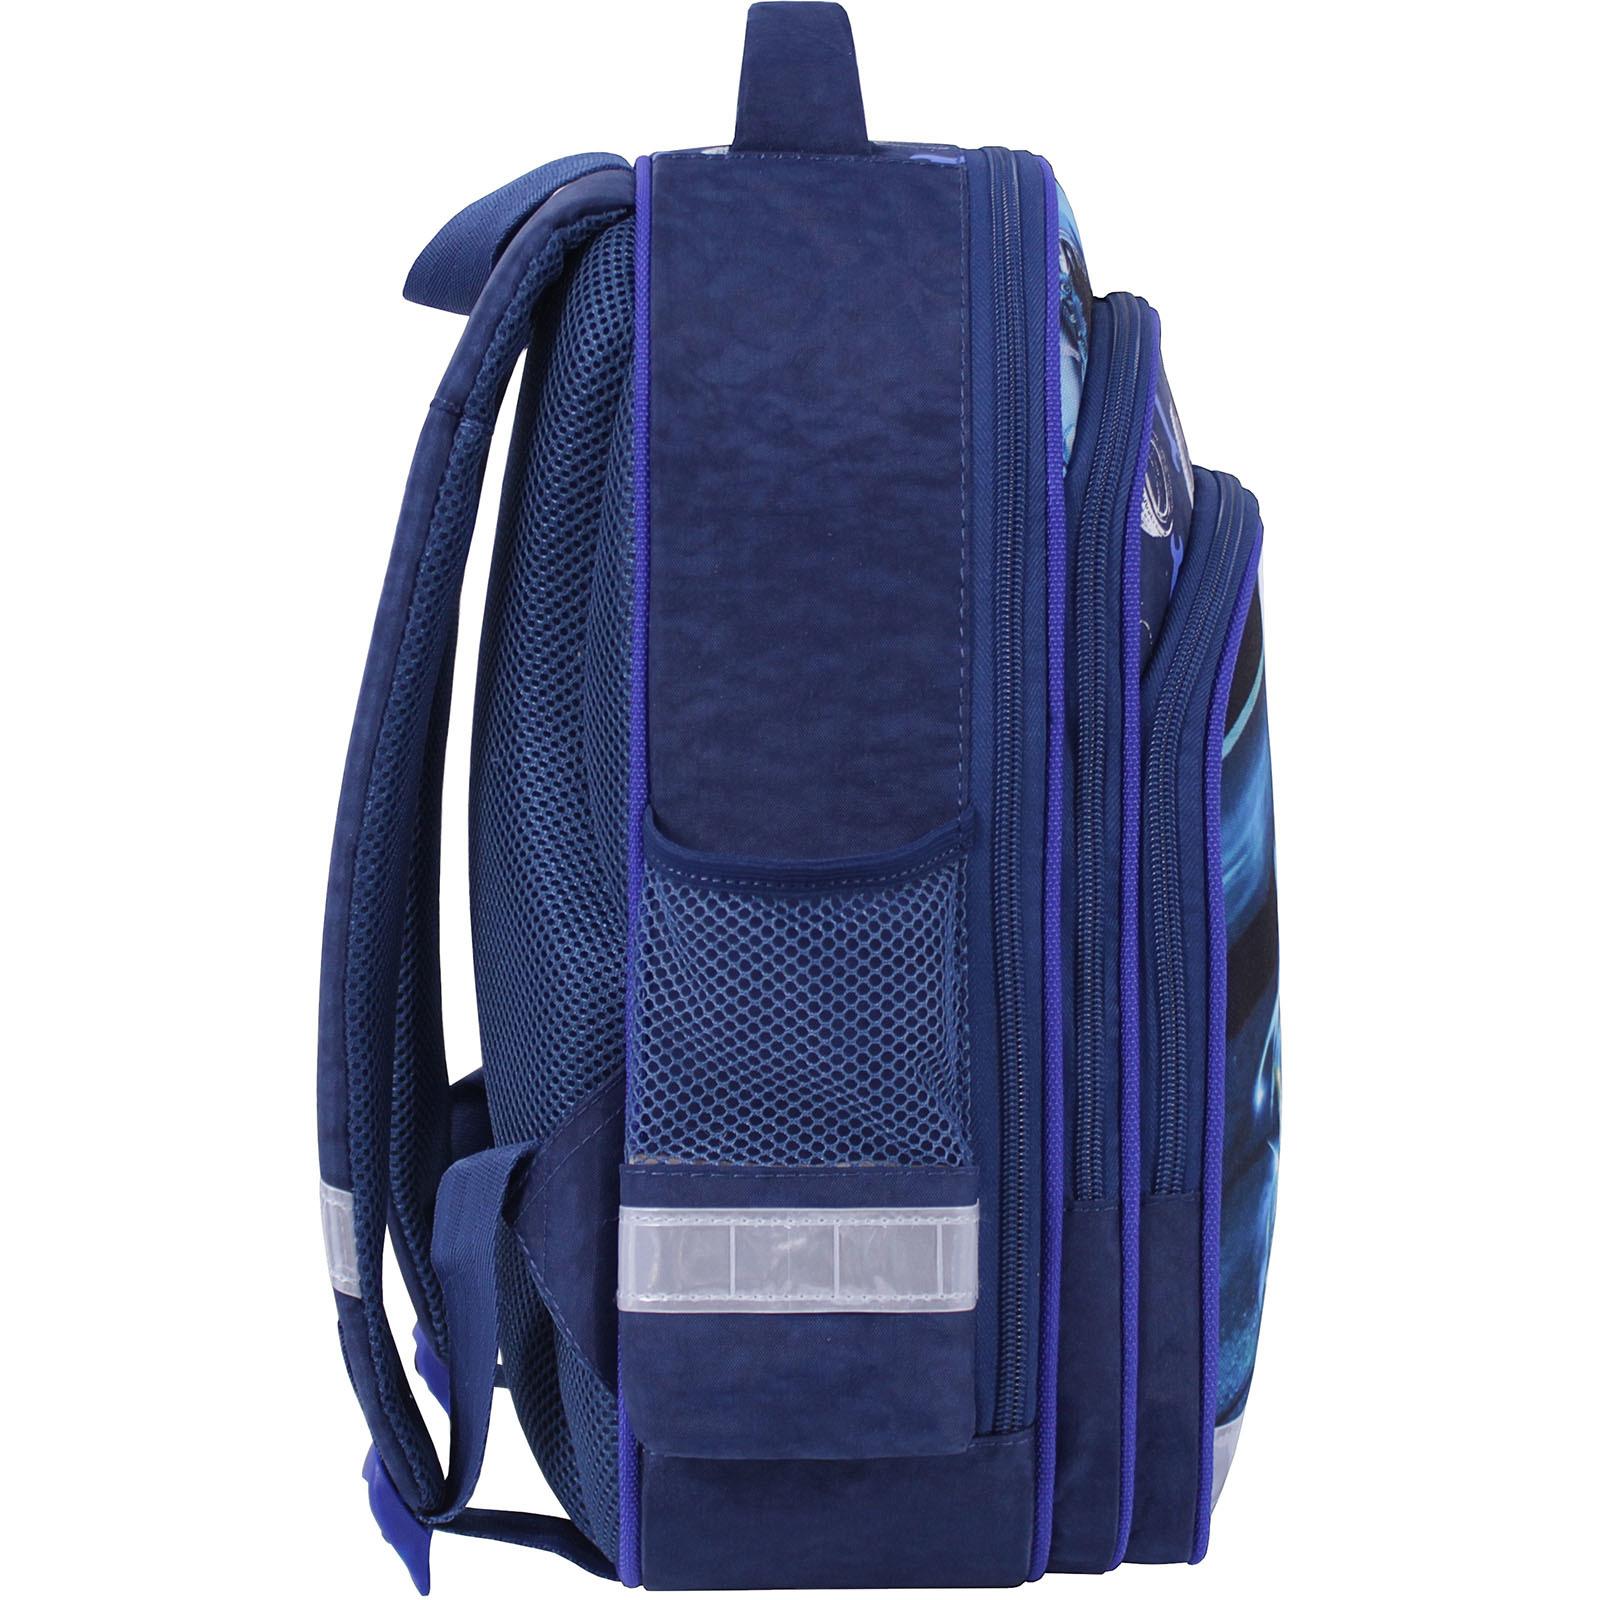 Рюкзак школьный Bagland Mouse 225 синий 555 (0051370) фото 3